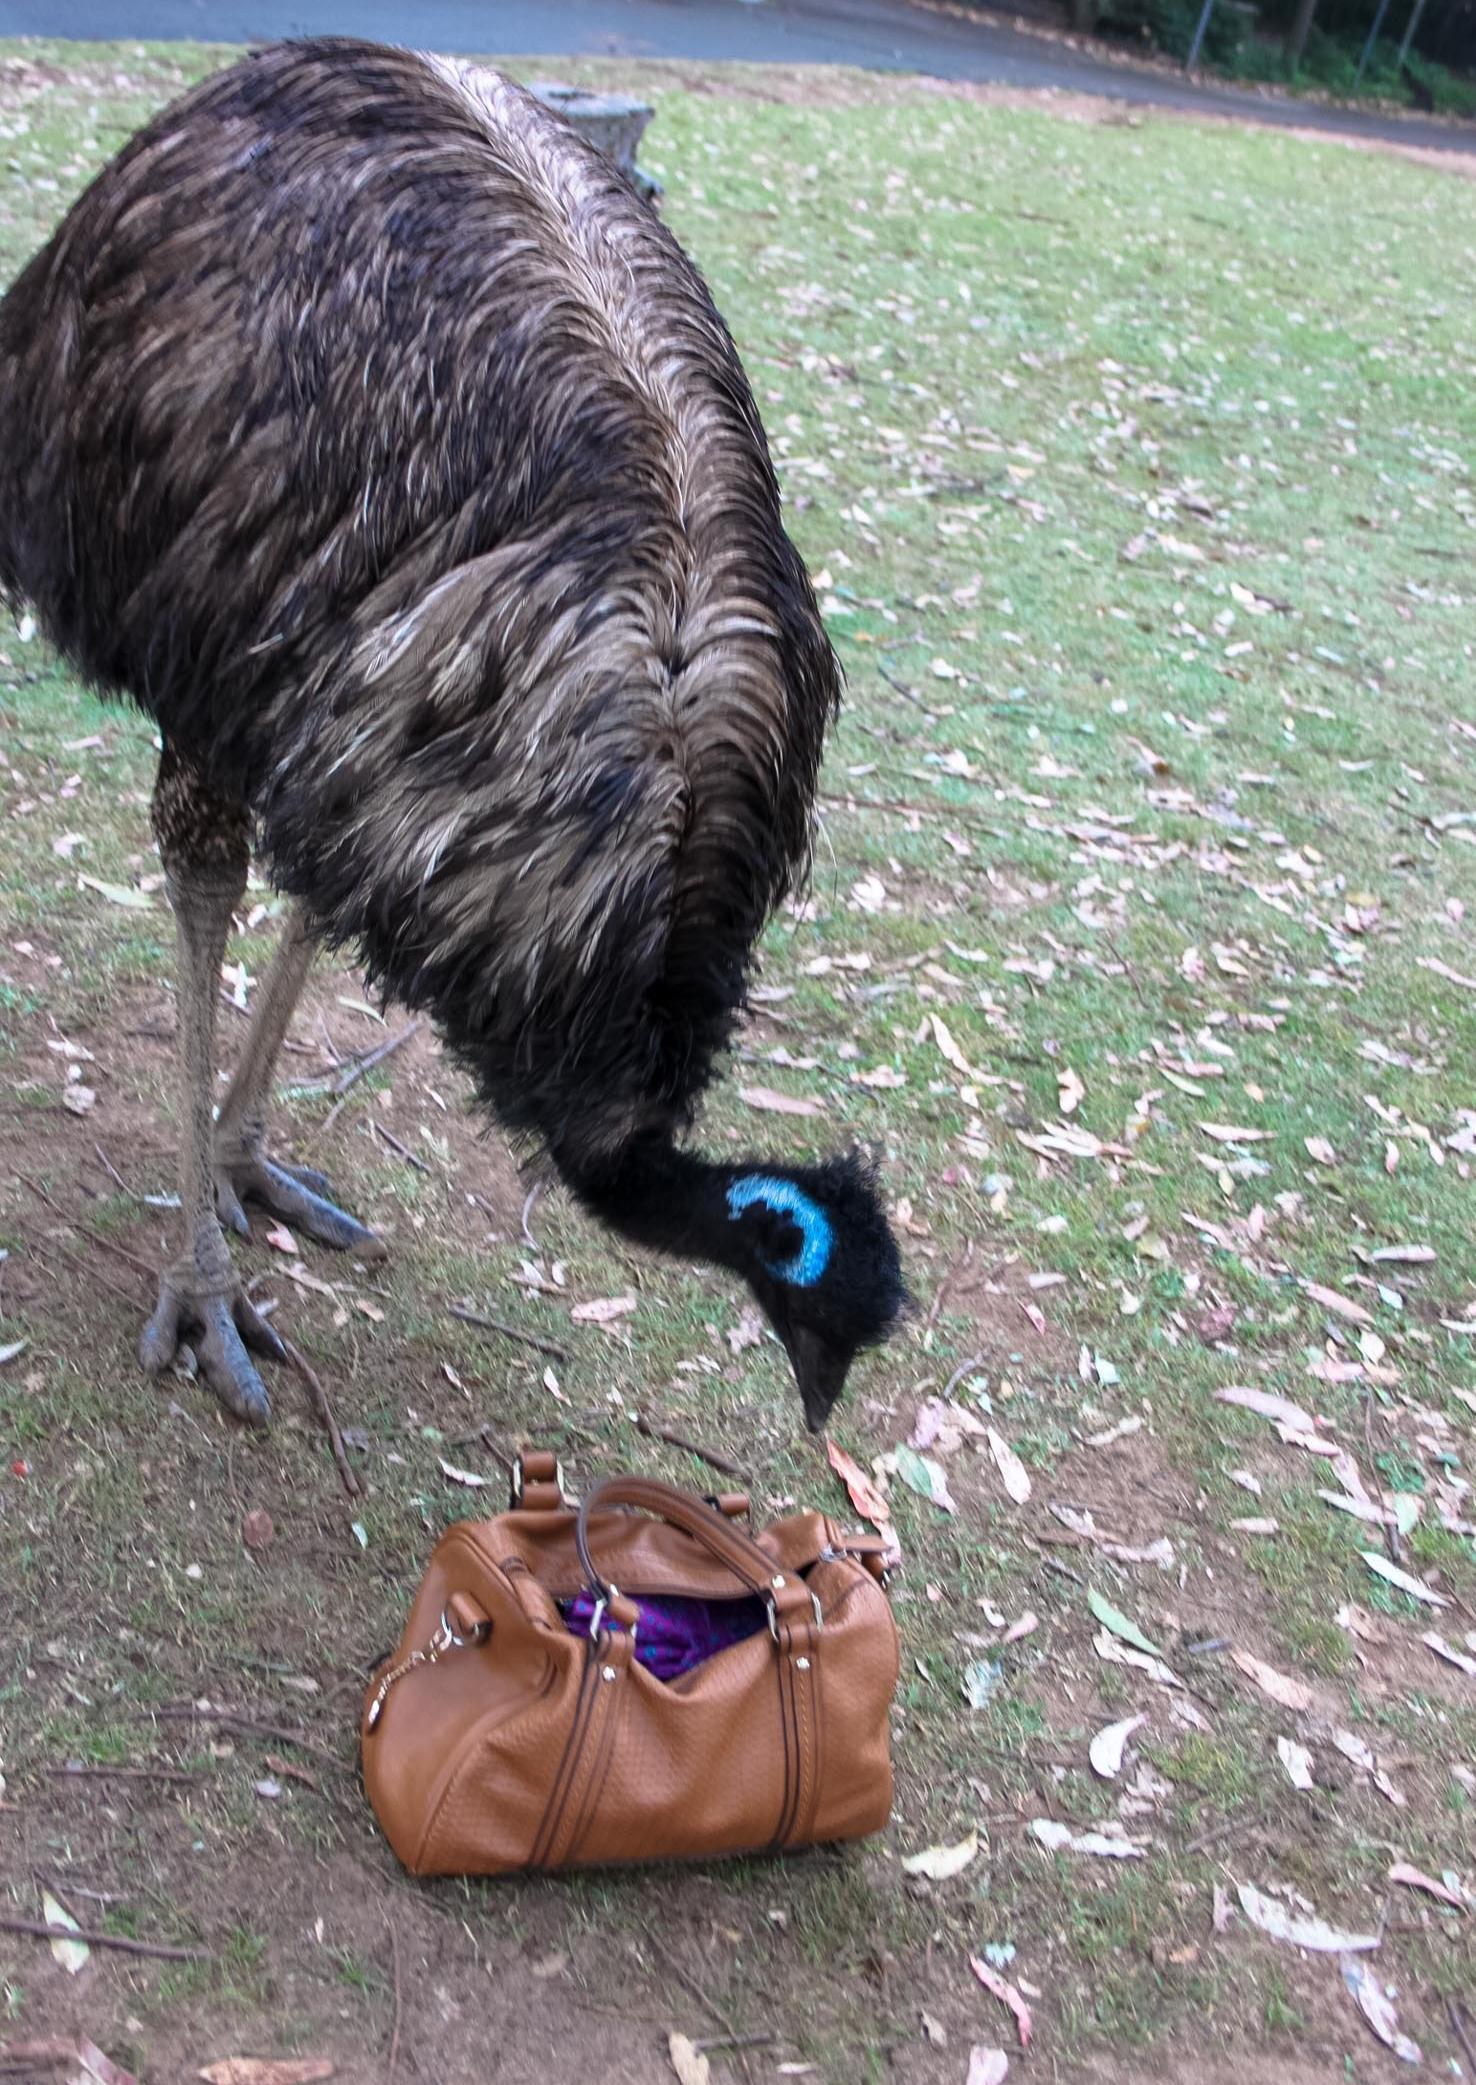 Emu sneaking through my handbag!